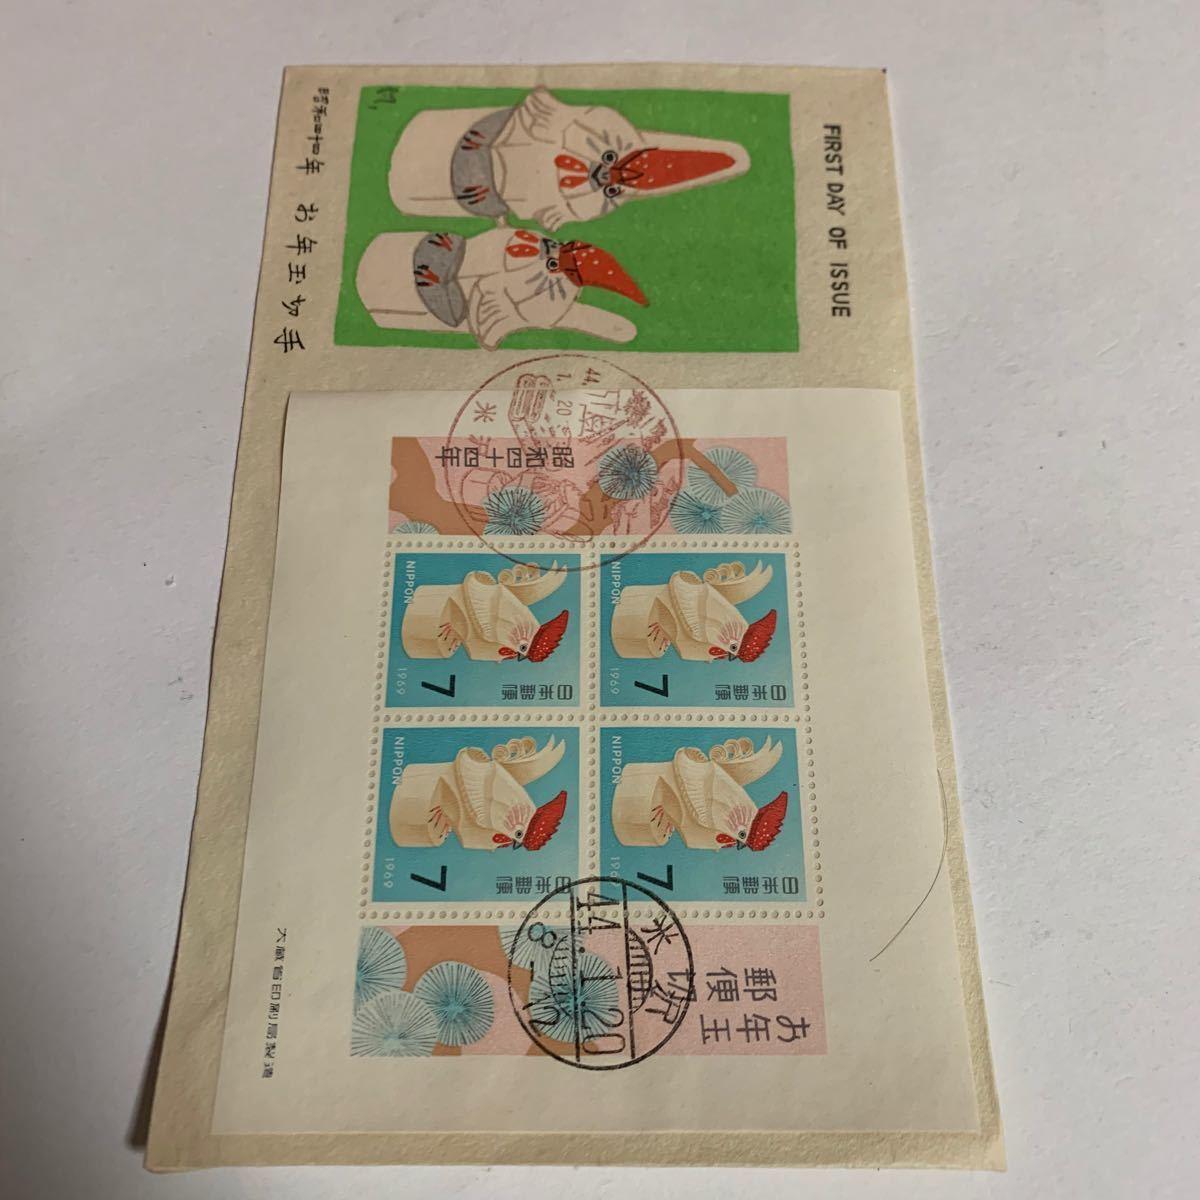 年賀切手  お年玉切手  小型シート 昭和44年  とり 初日カバー付き